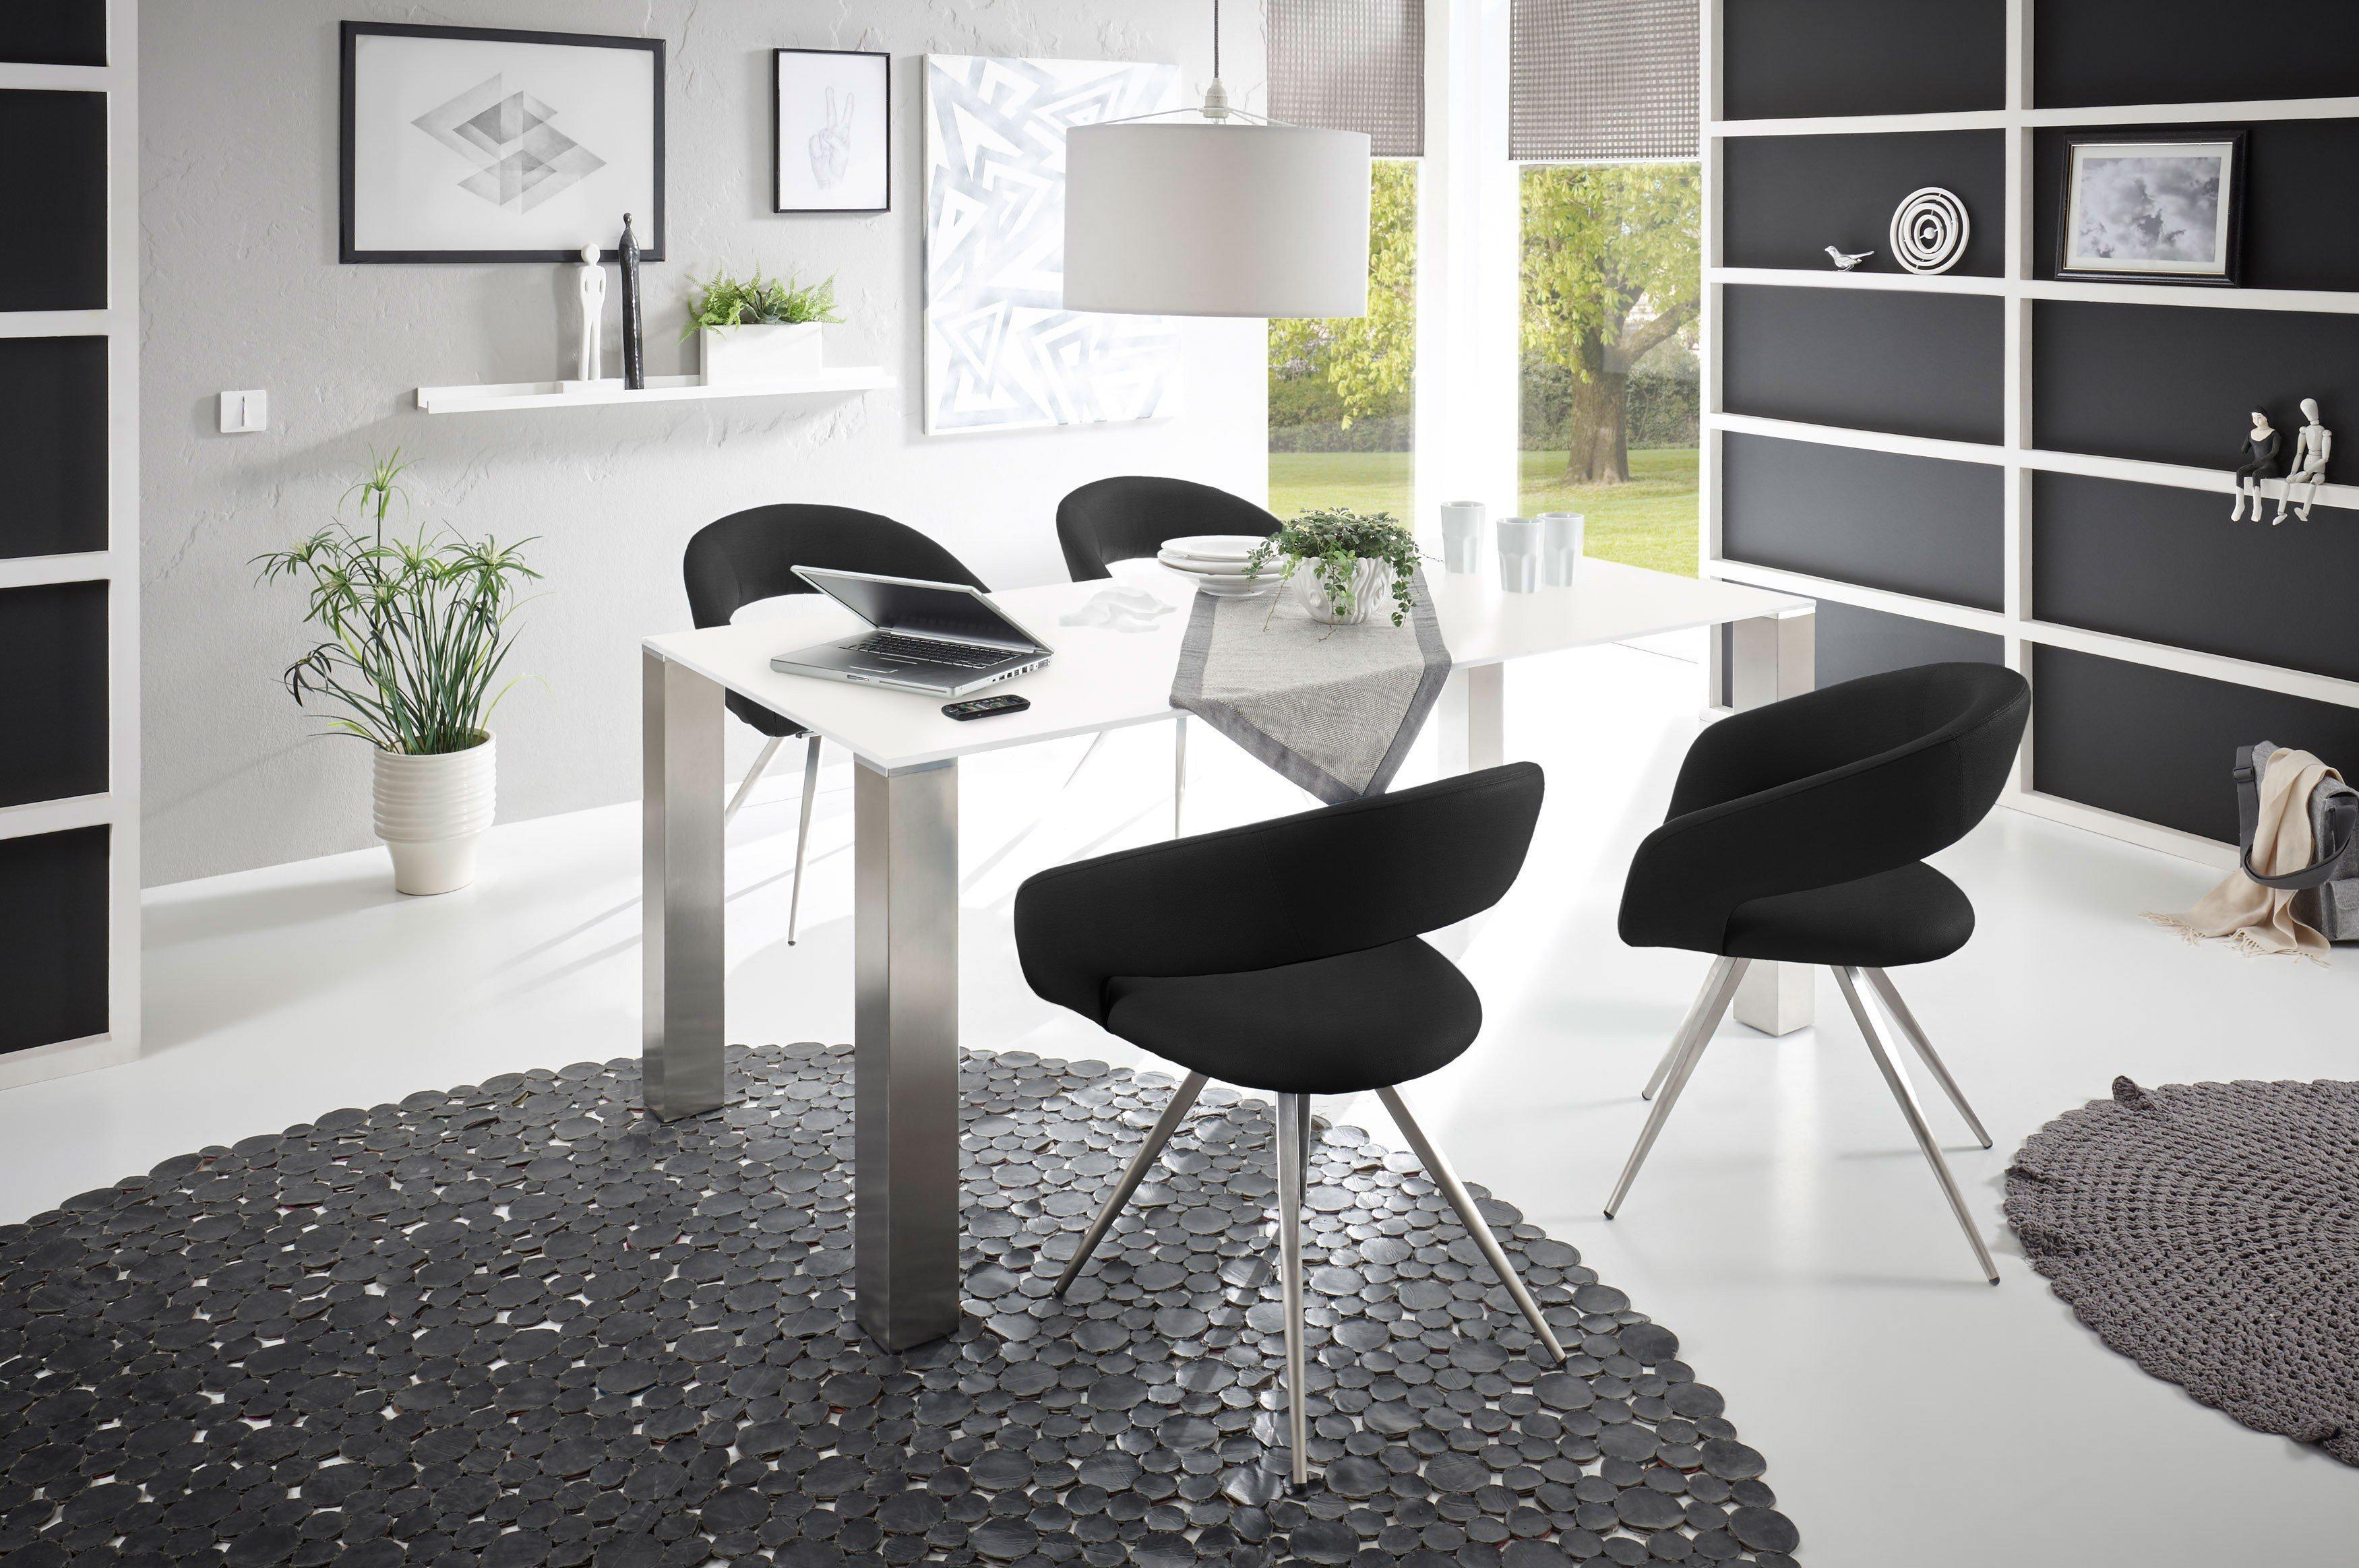 Luana/ London Von MWA Aktuell   Esszimmer Keramik Weiß/ Coal